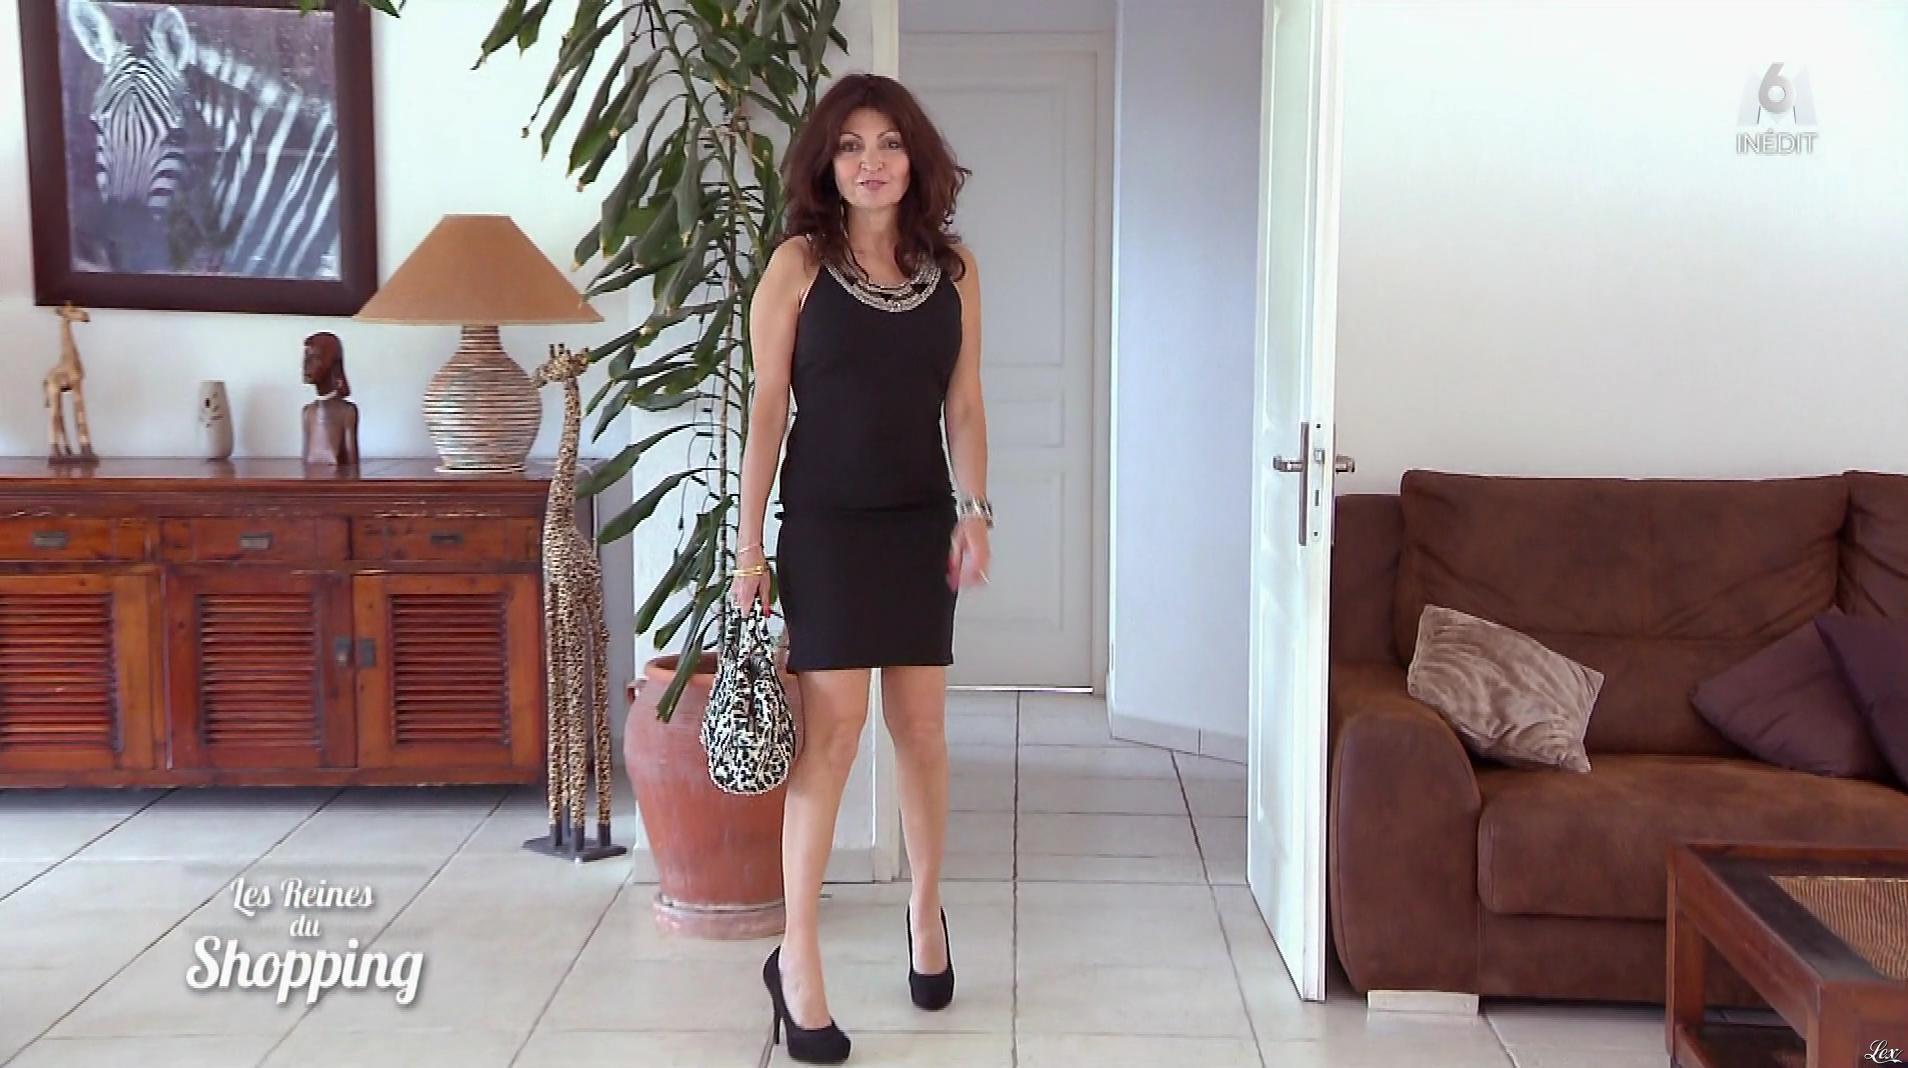 Une Candidate dans les Reines du Shopping. Diffusé à la télévision le 20/01/17.